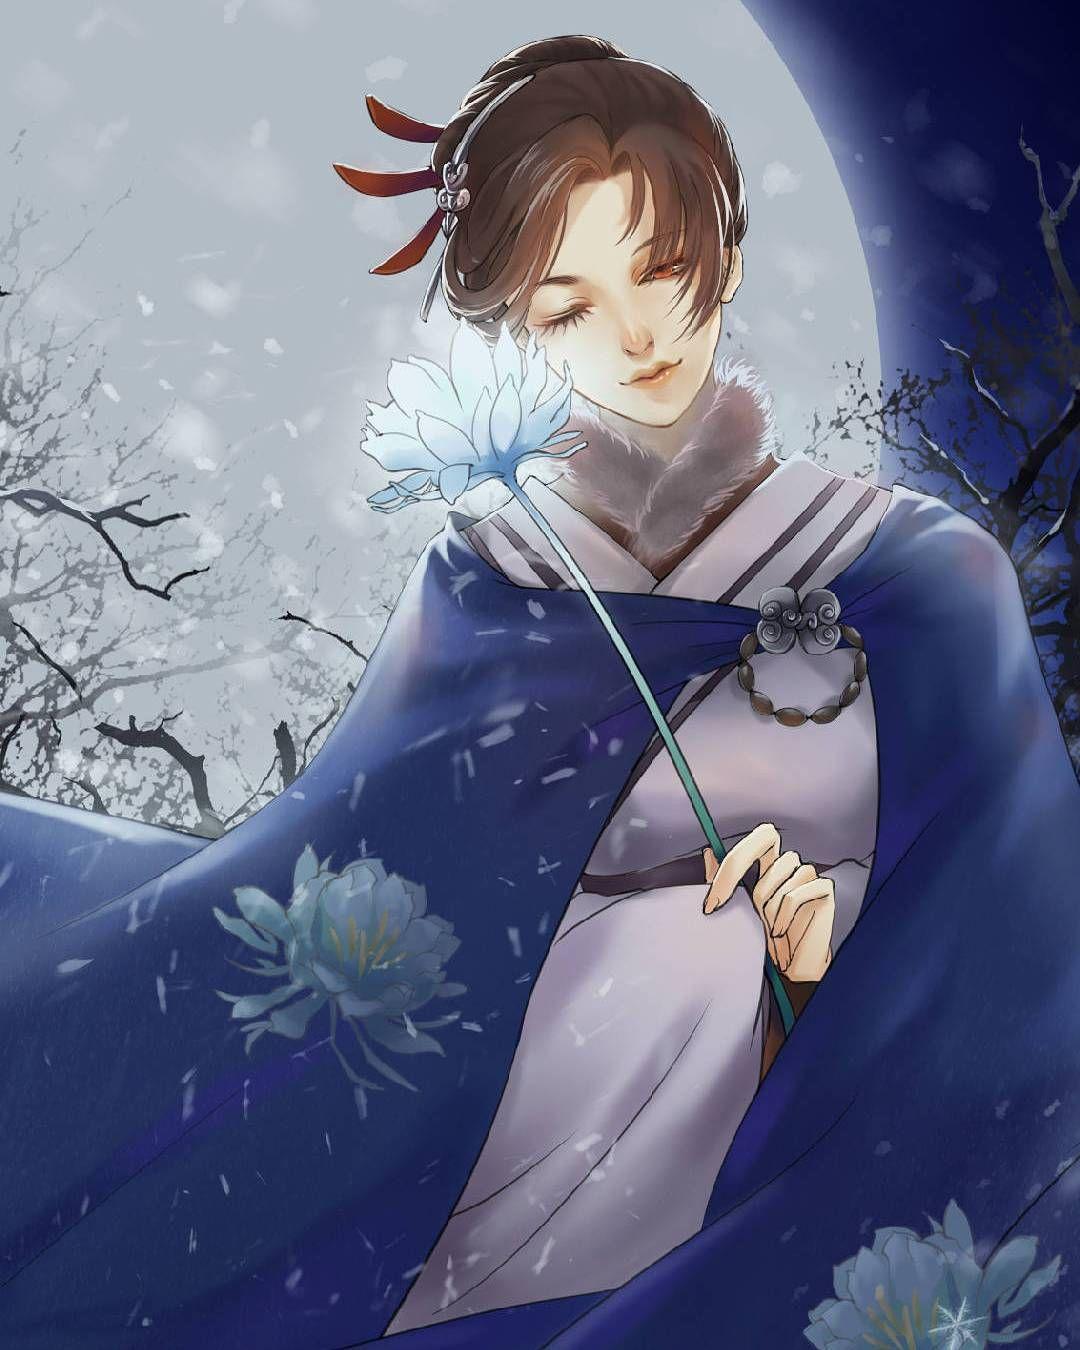 Hình ảnh anime cổ trang cô gái và hoa